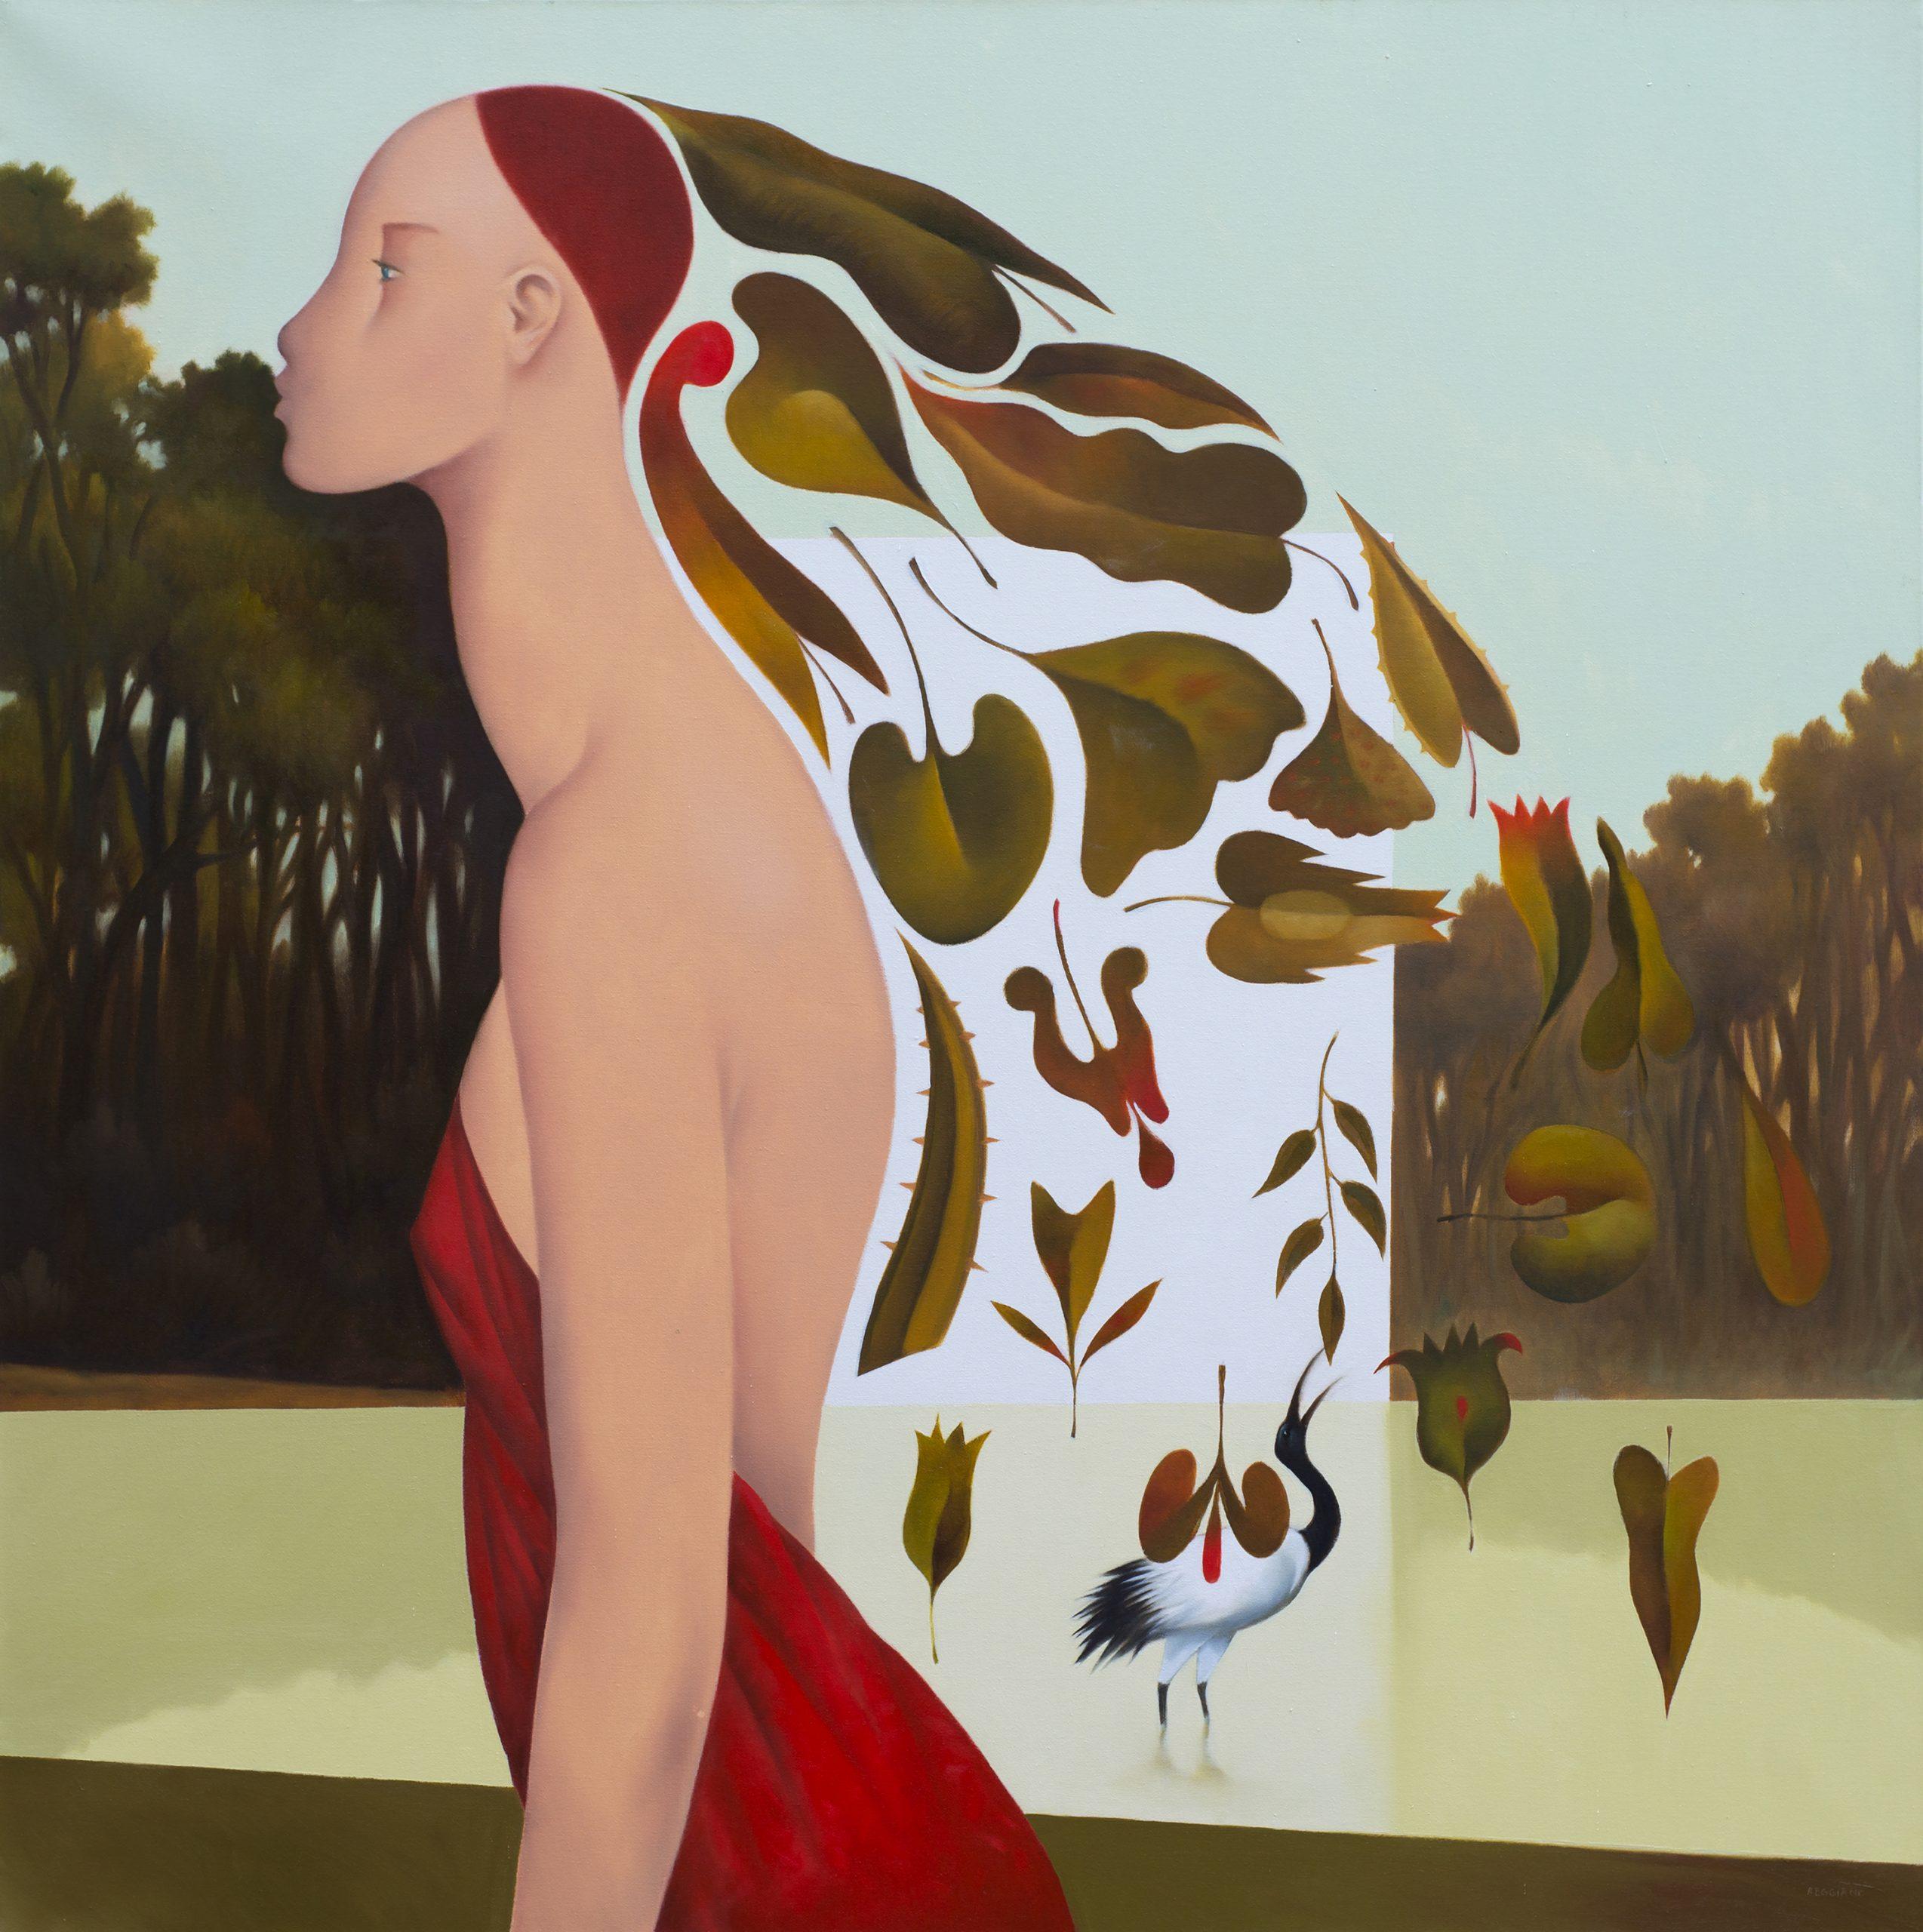 Profilo del canto, olio su tela, 80x80, 2018